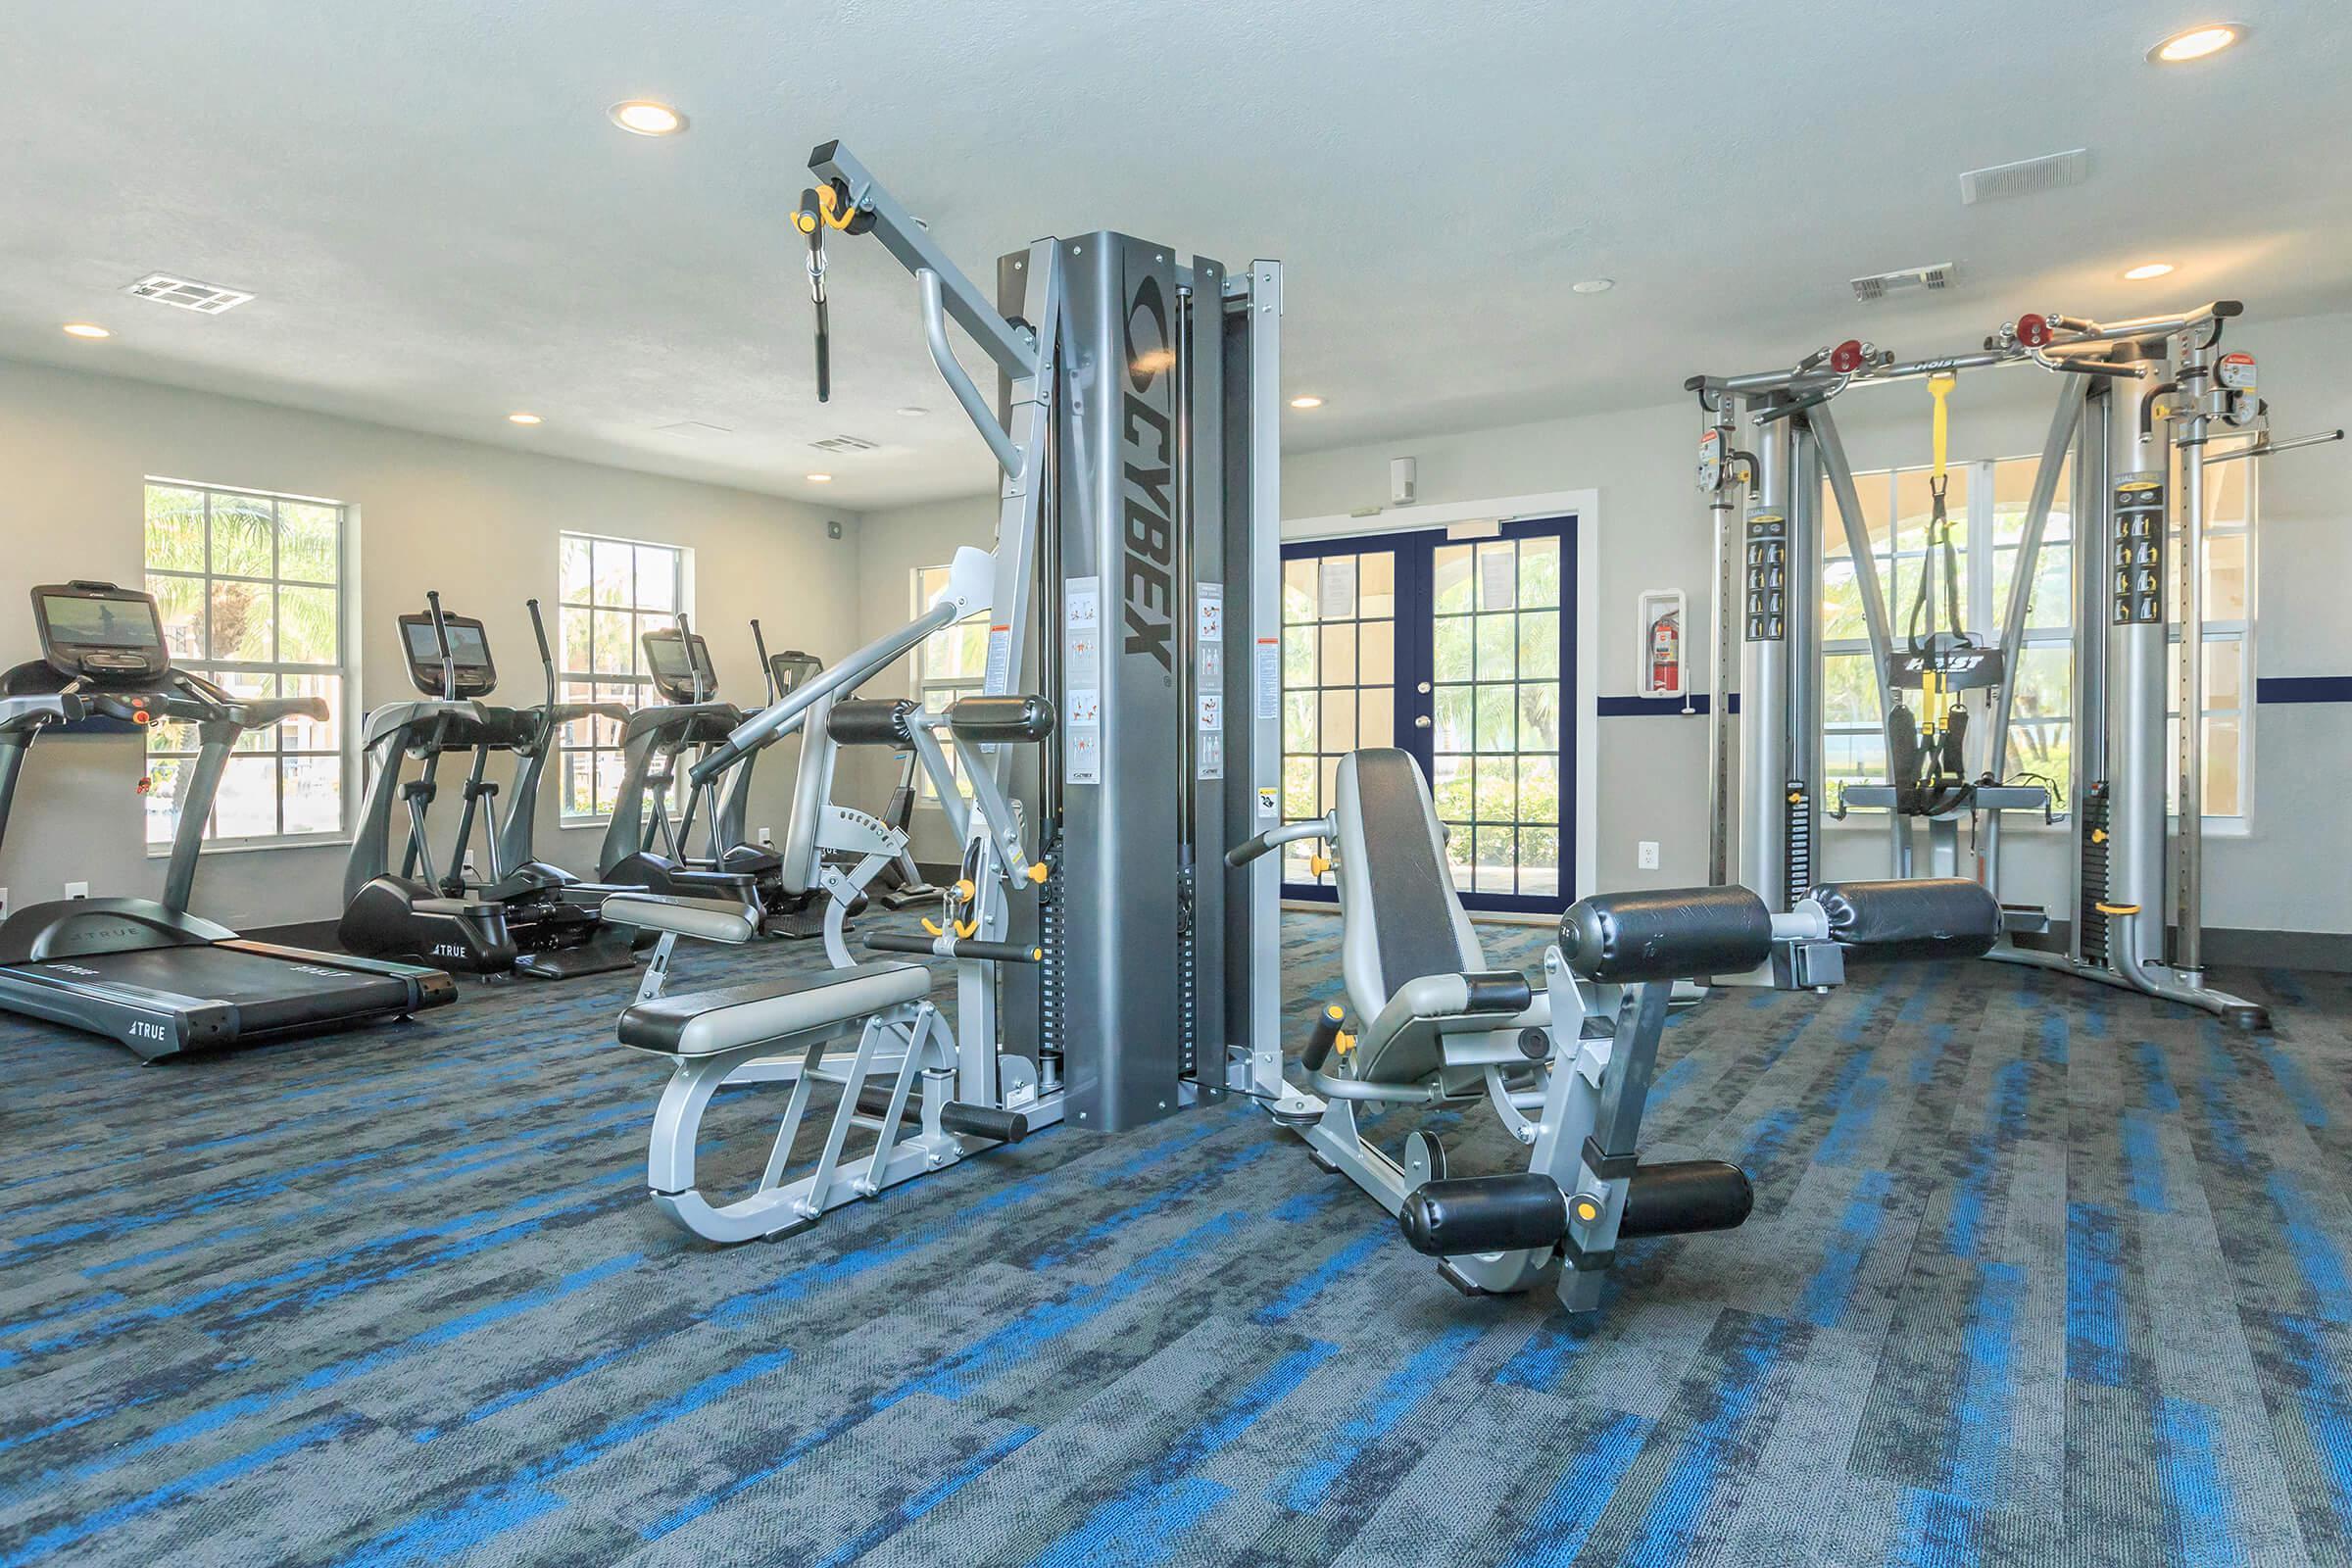 Fitness Center at Latitude Pointe Apartments in Boynton Beach, Florida